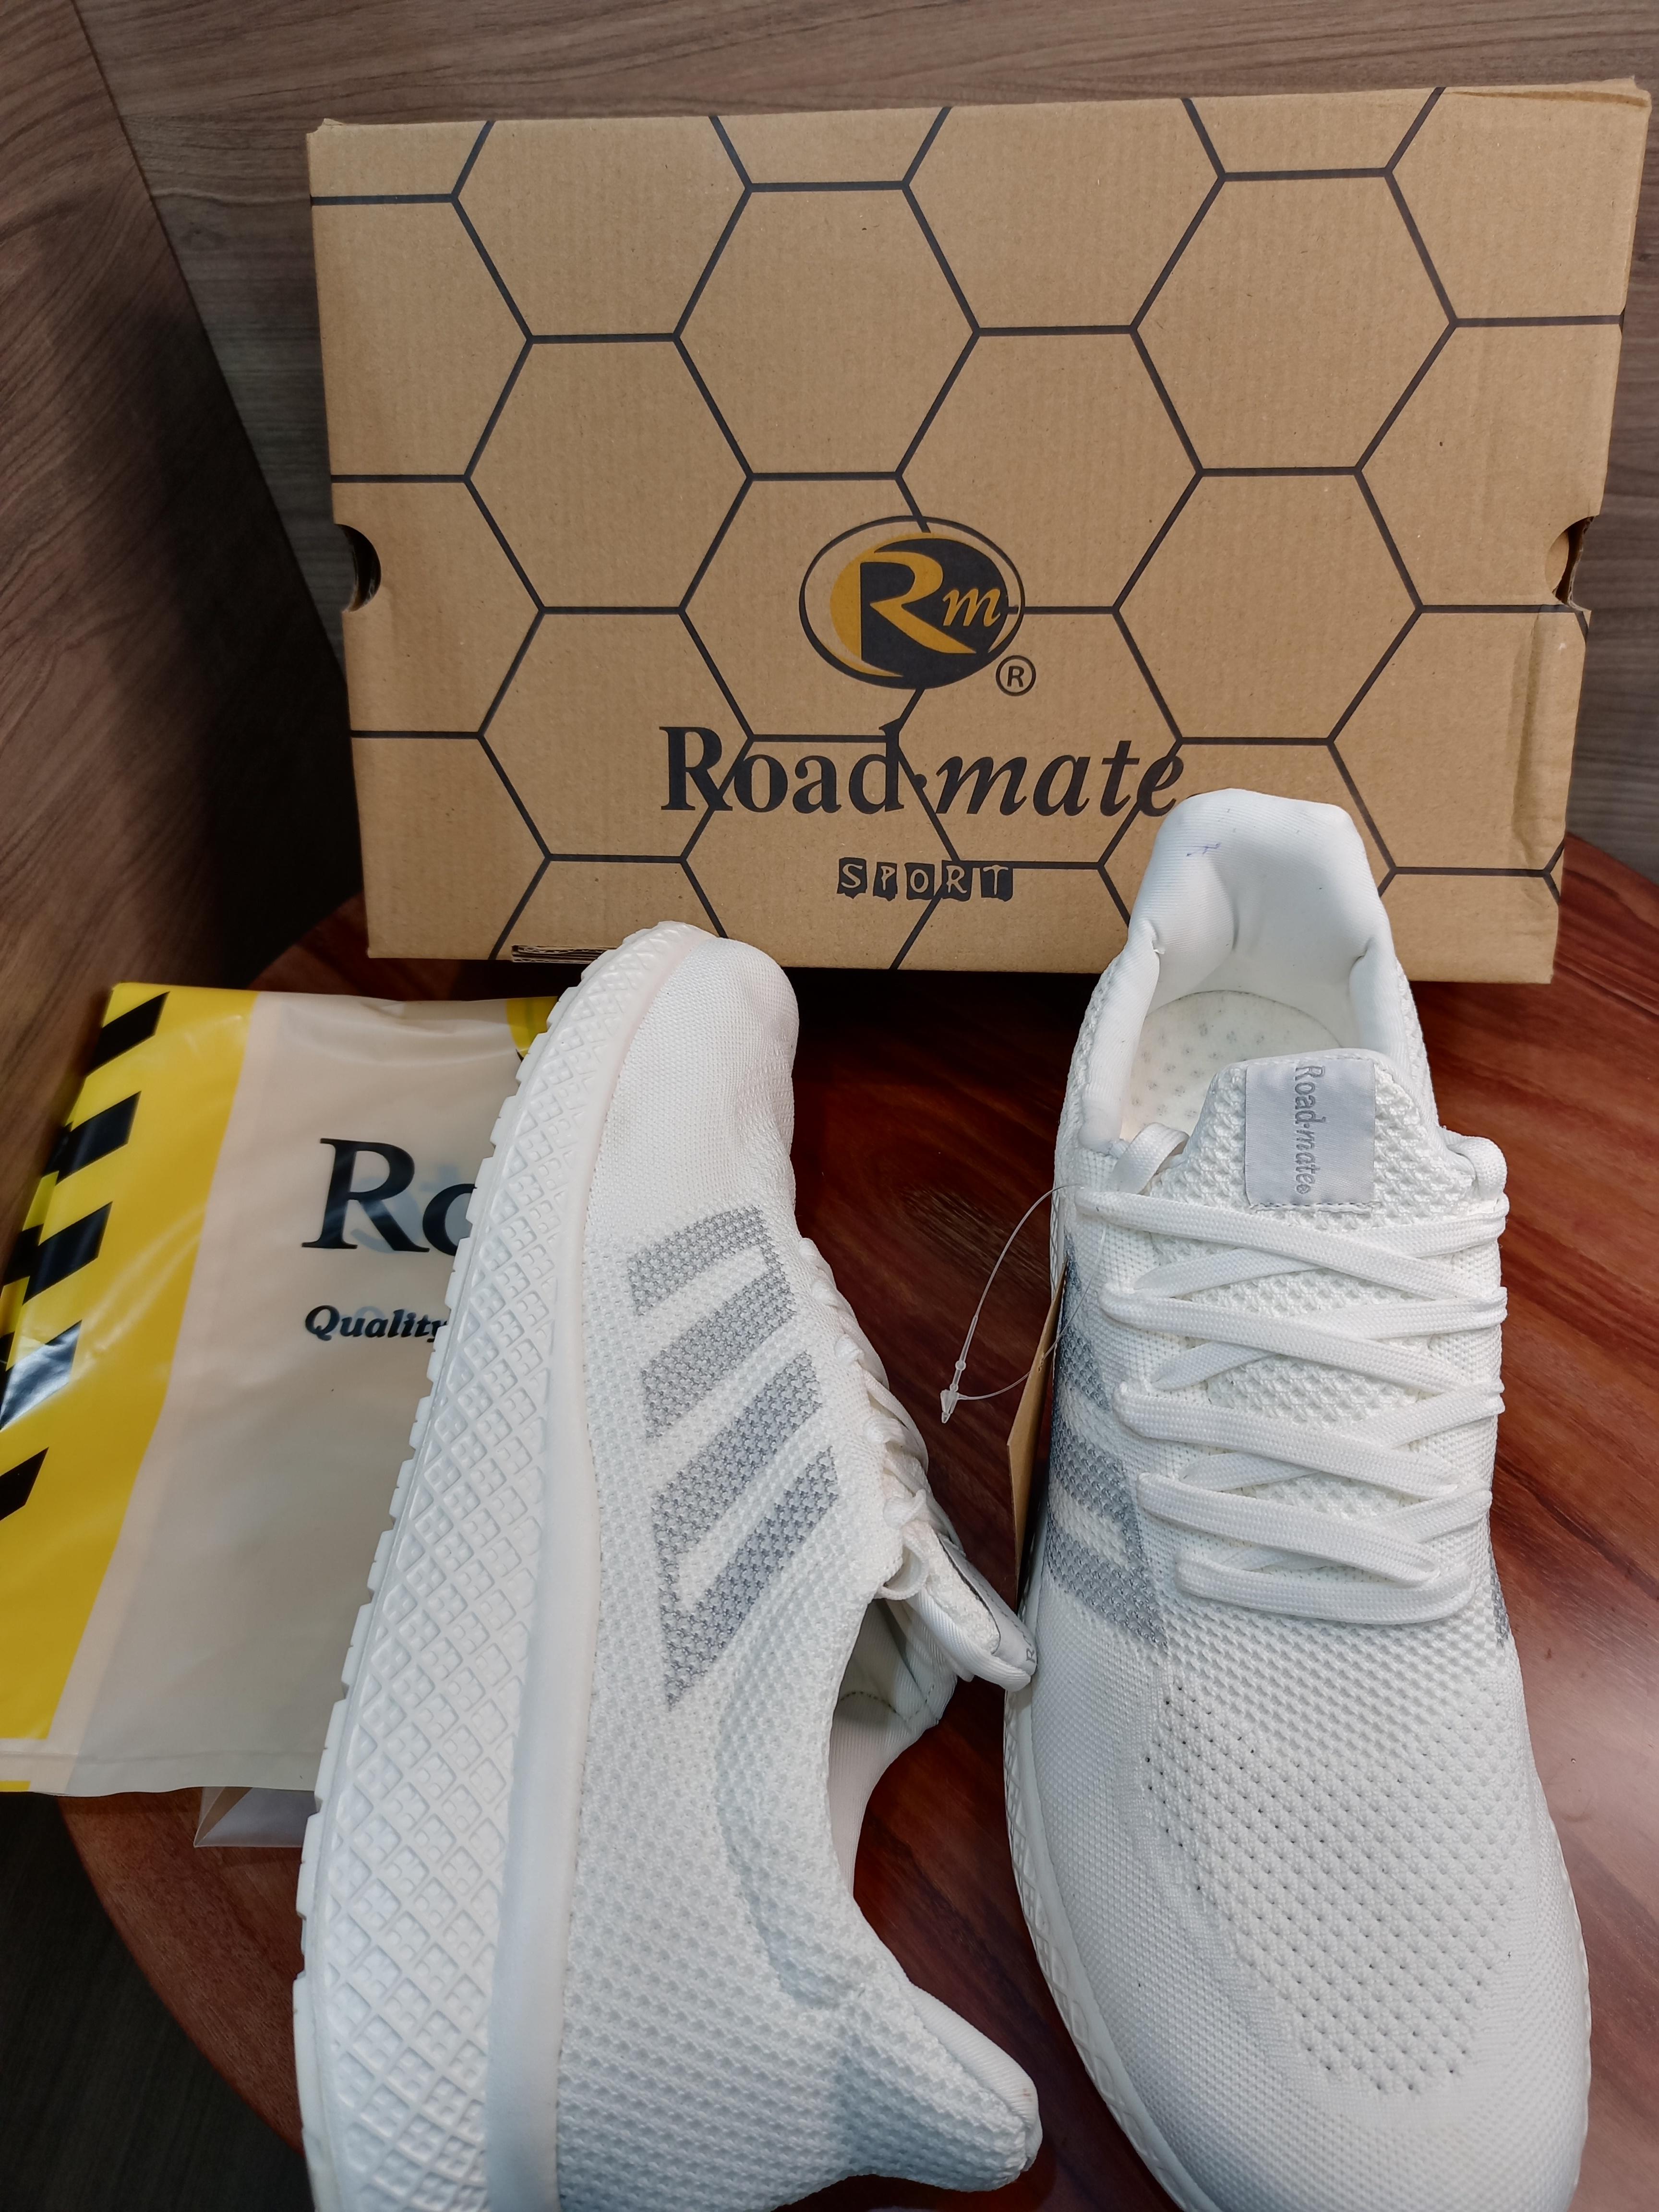 Road mate sport 18006